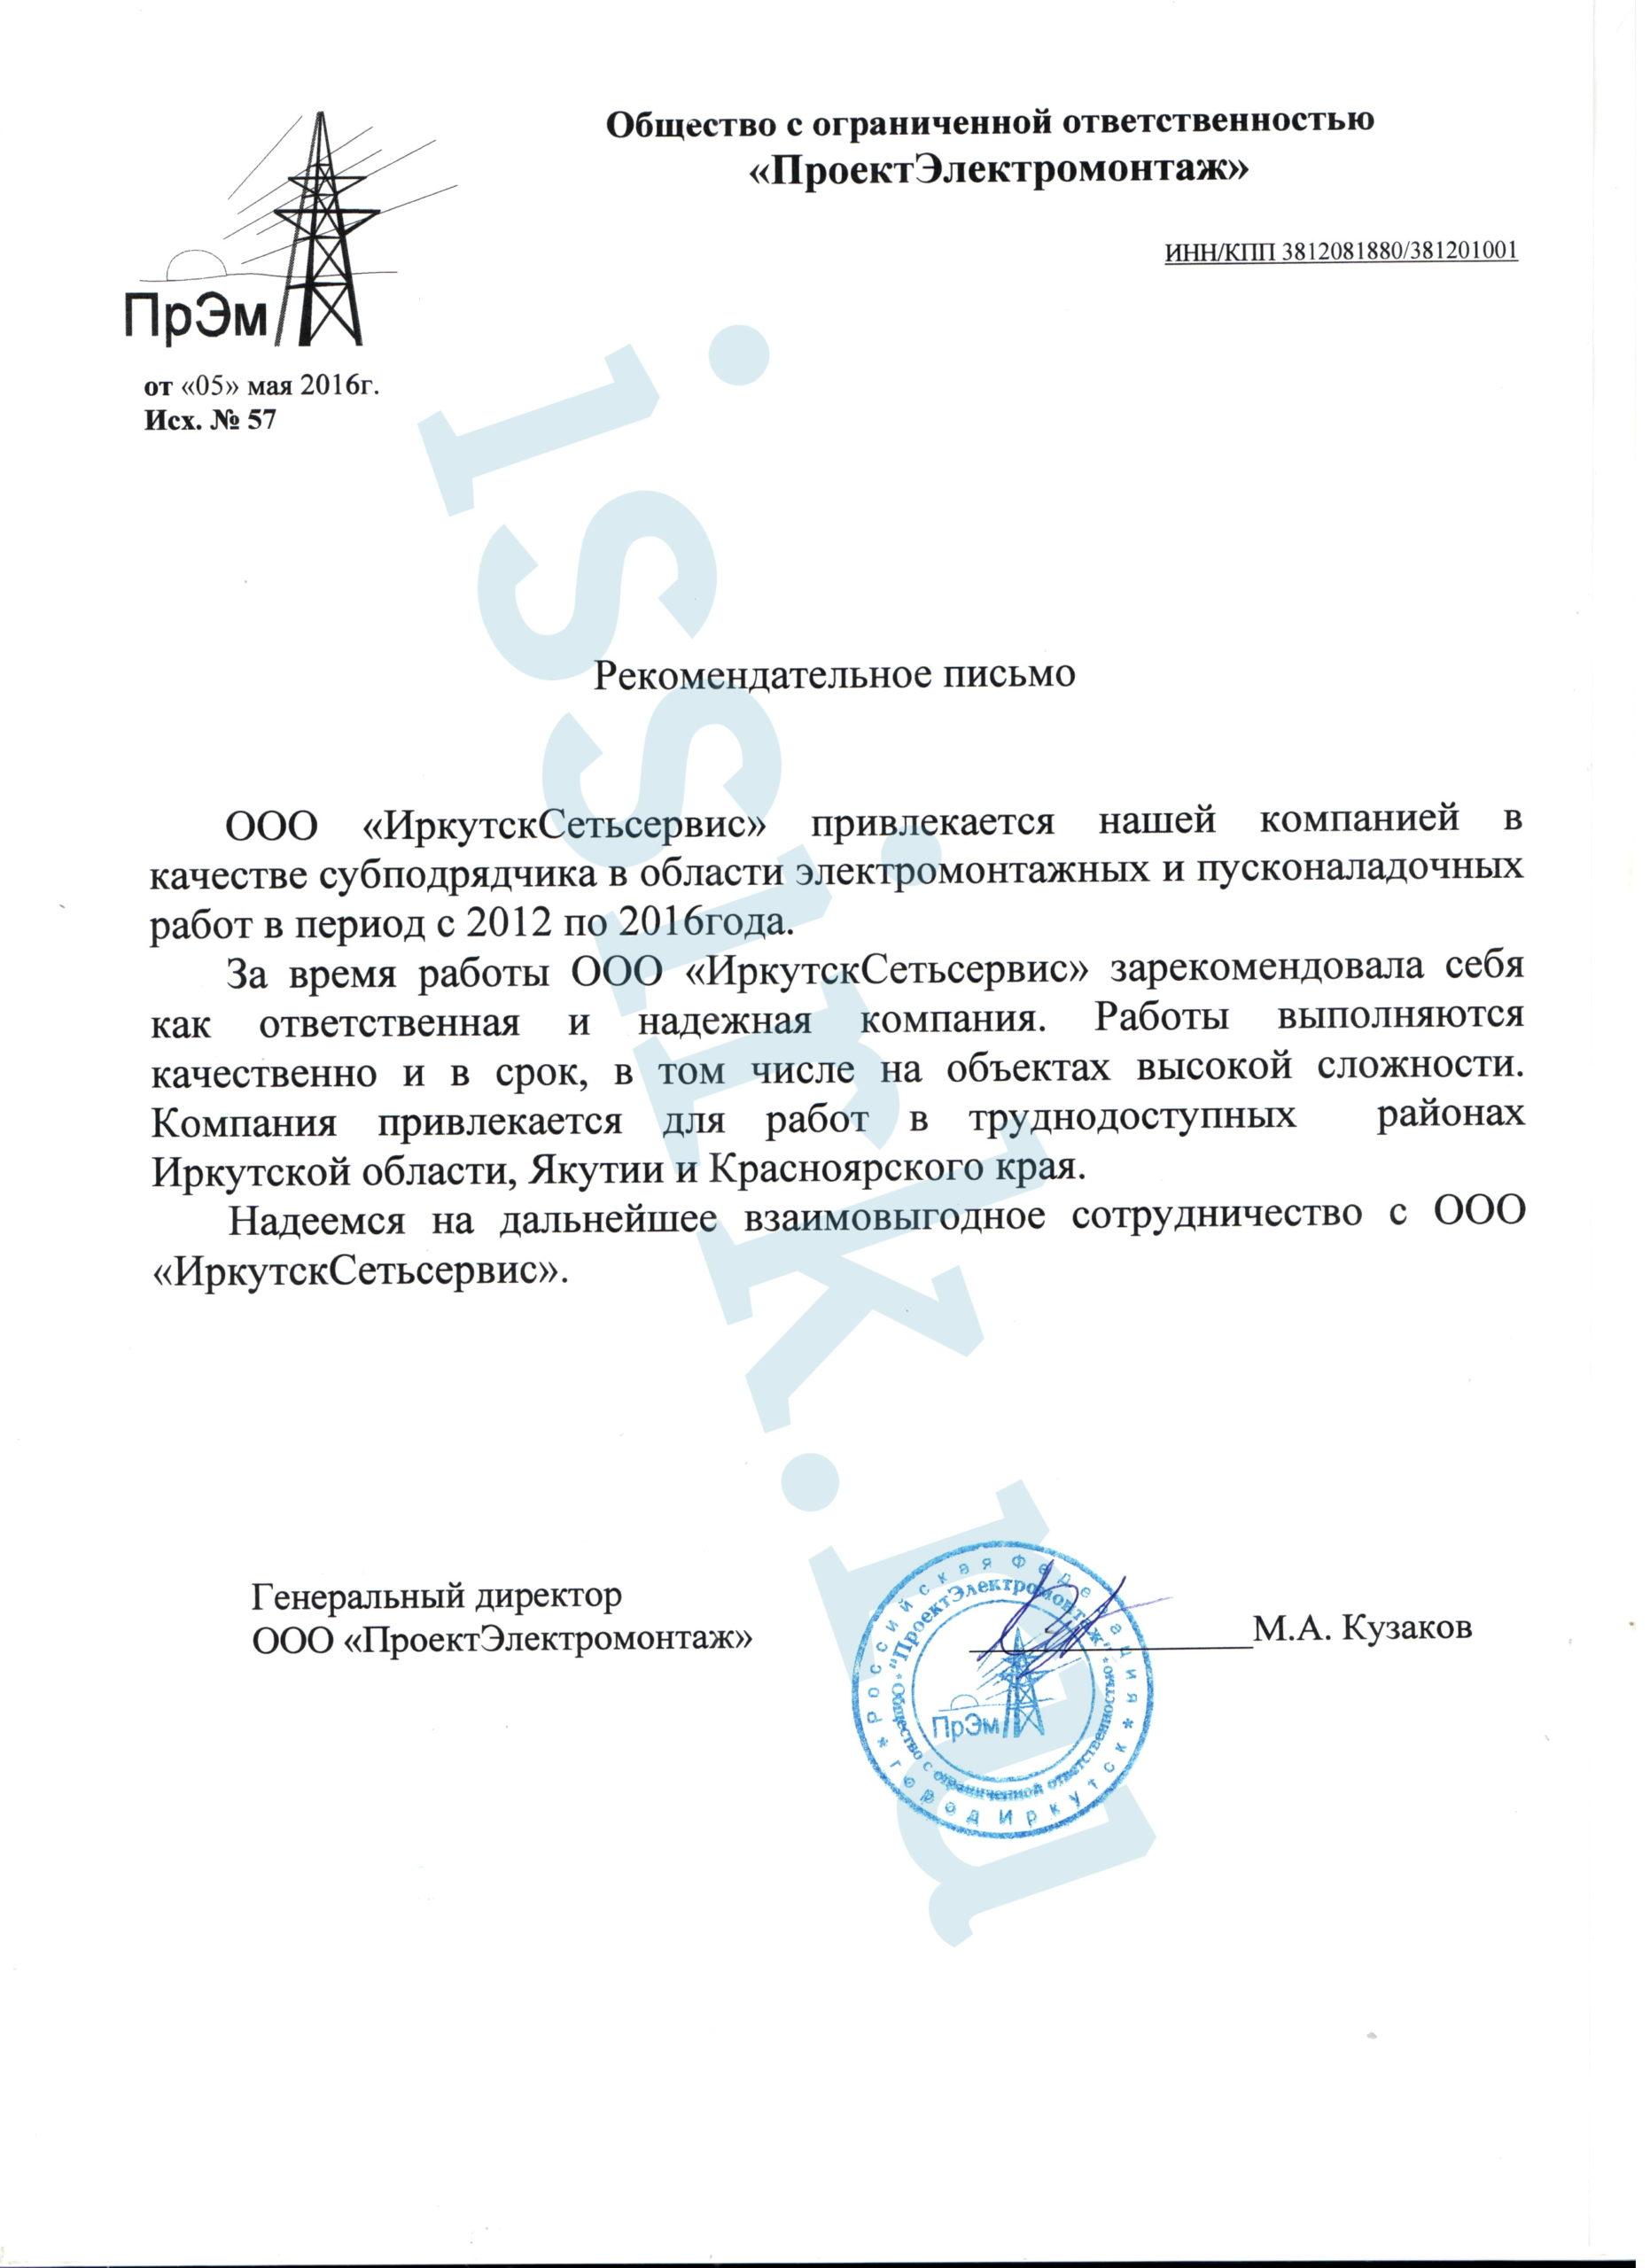 Рекомендация ООО ПРЭМ для ИркутскСетьсервис